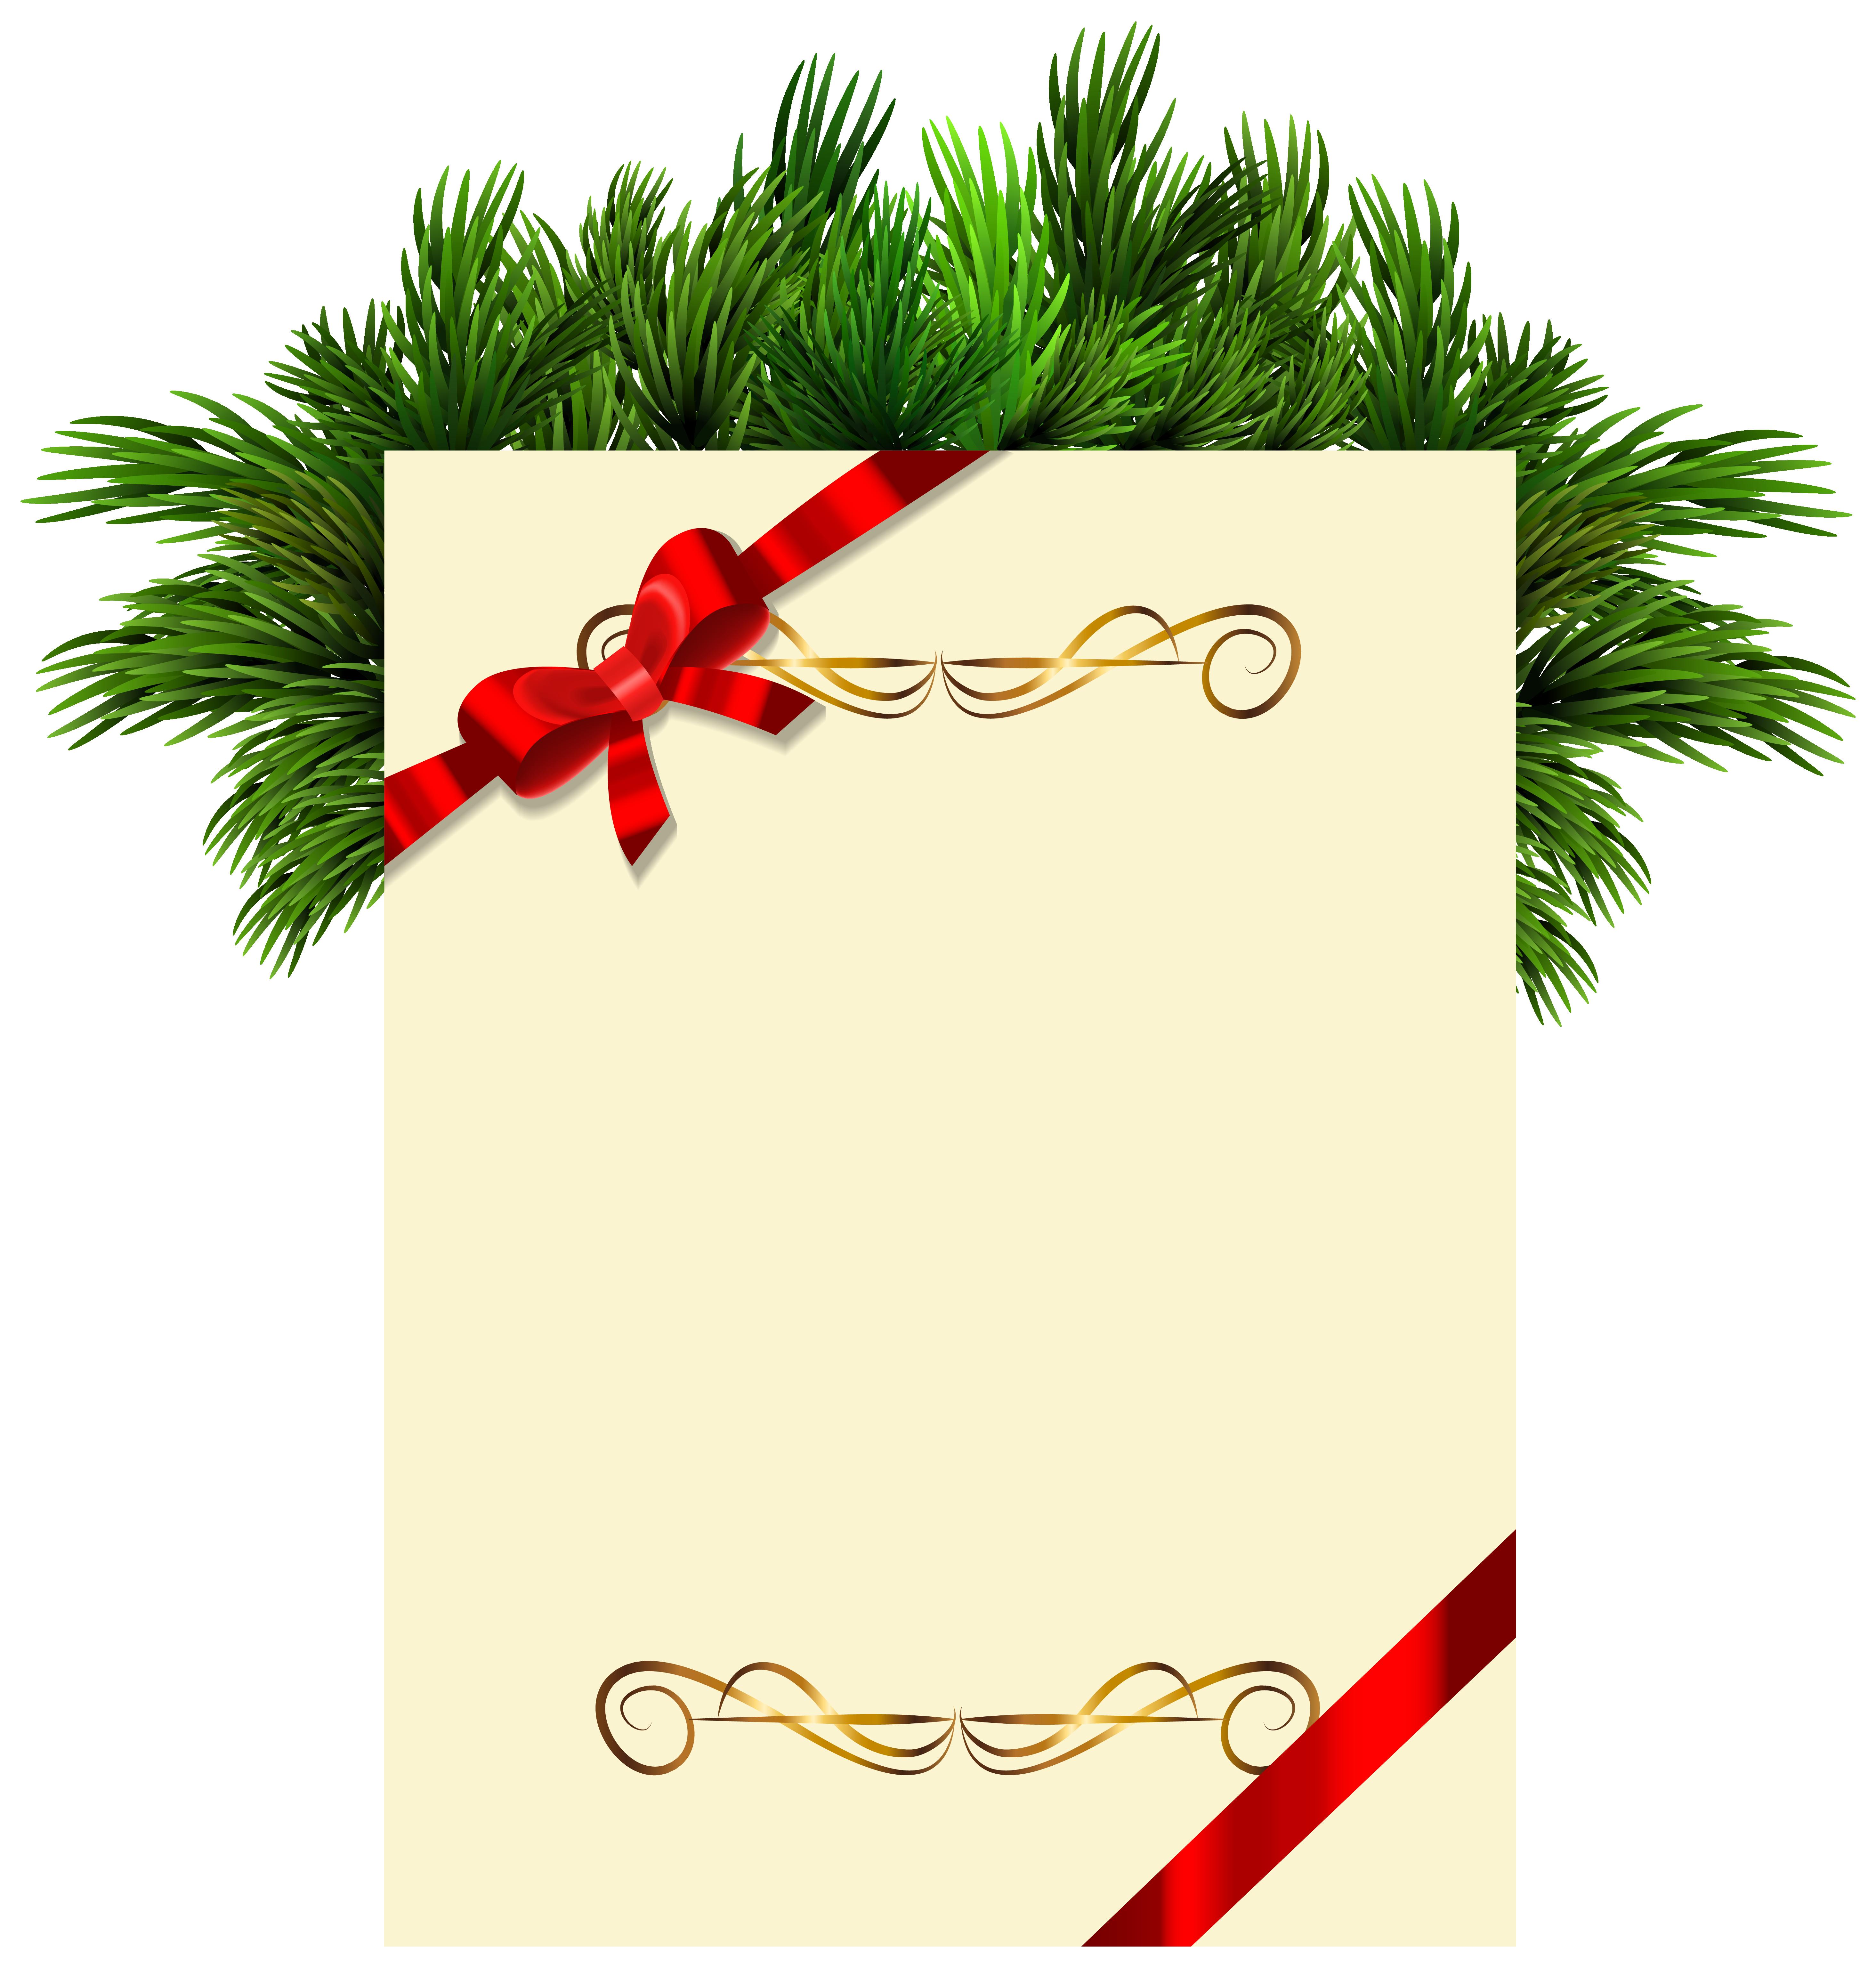 Заготовка для открытки на новый год